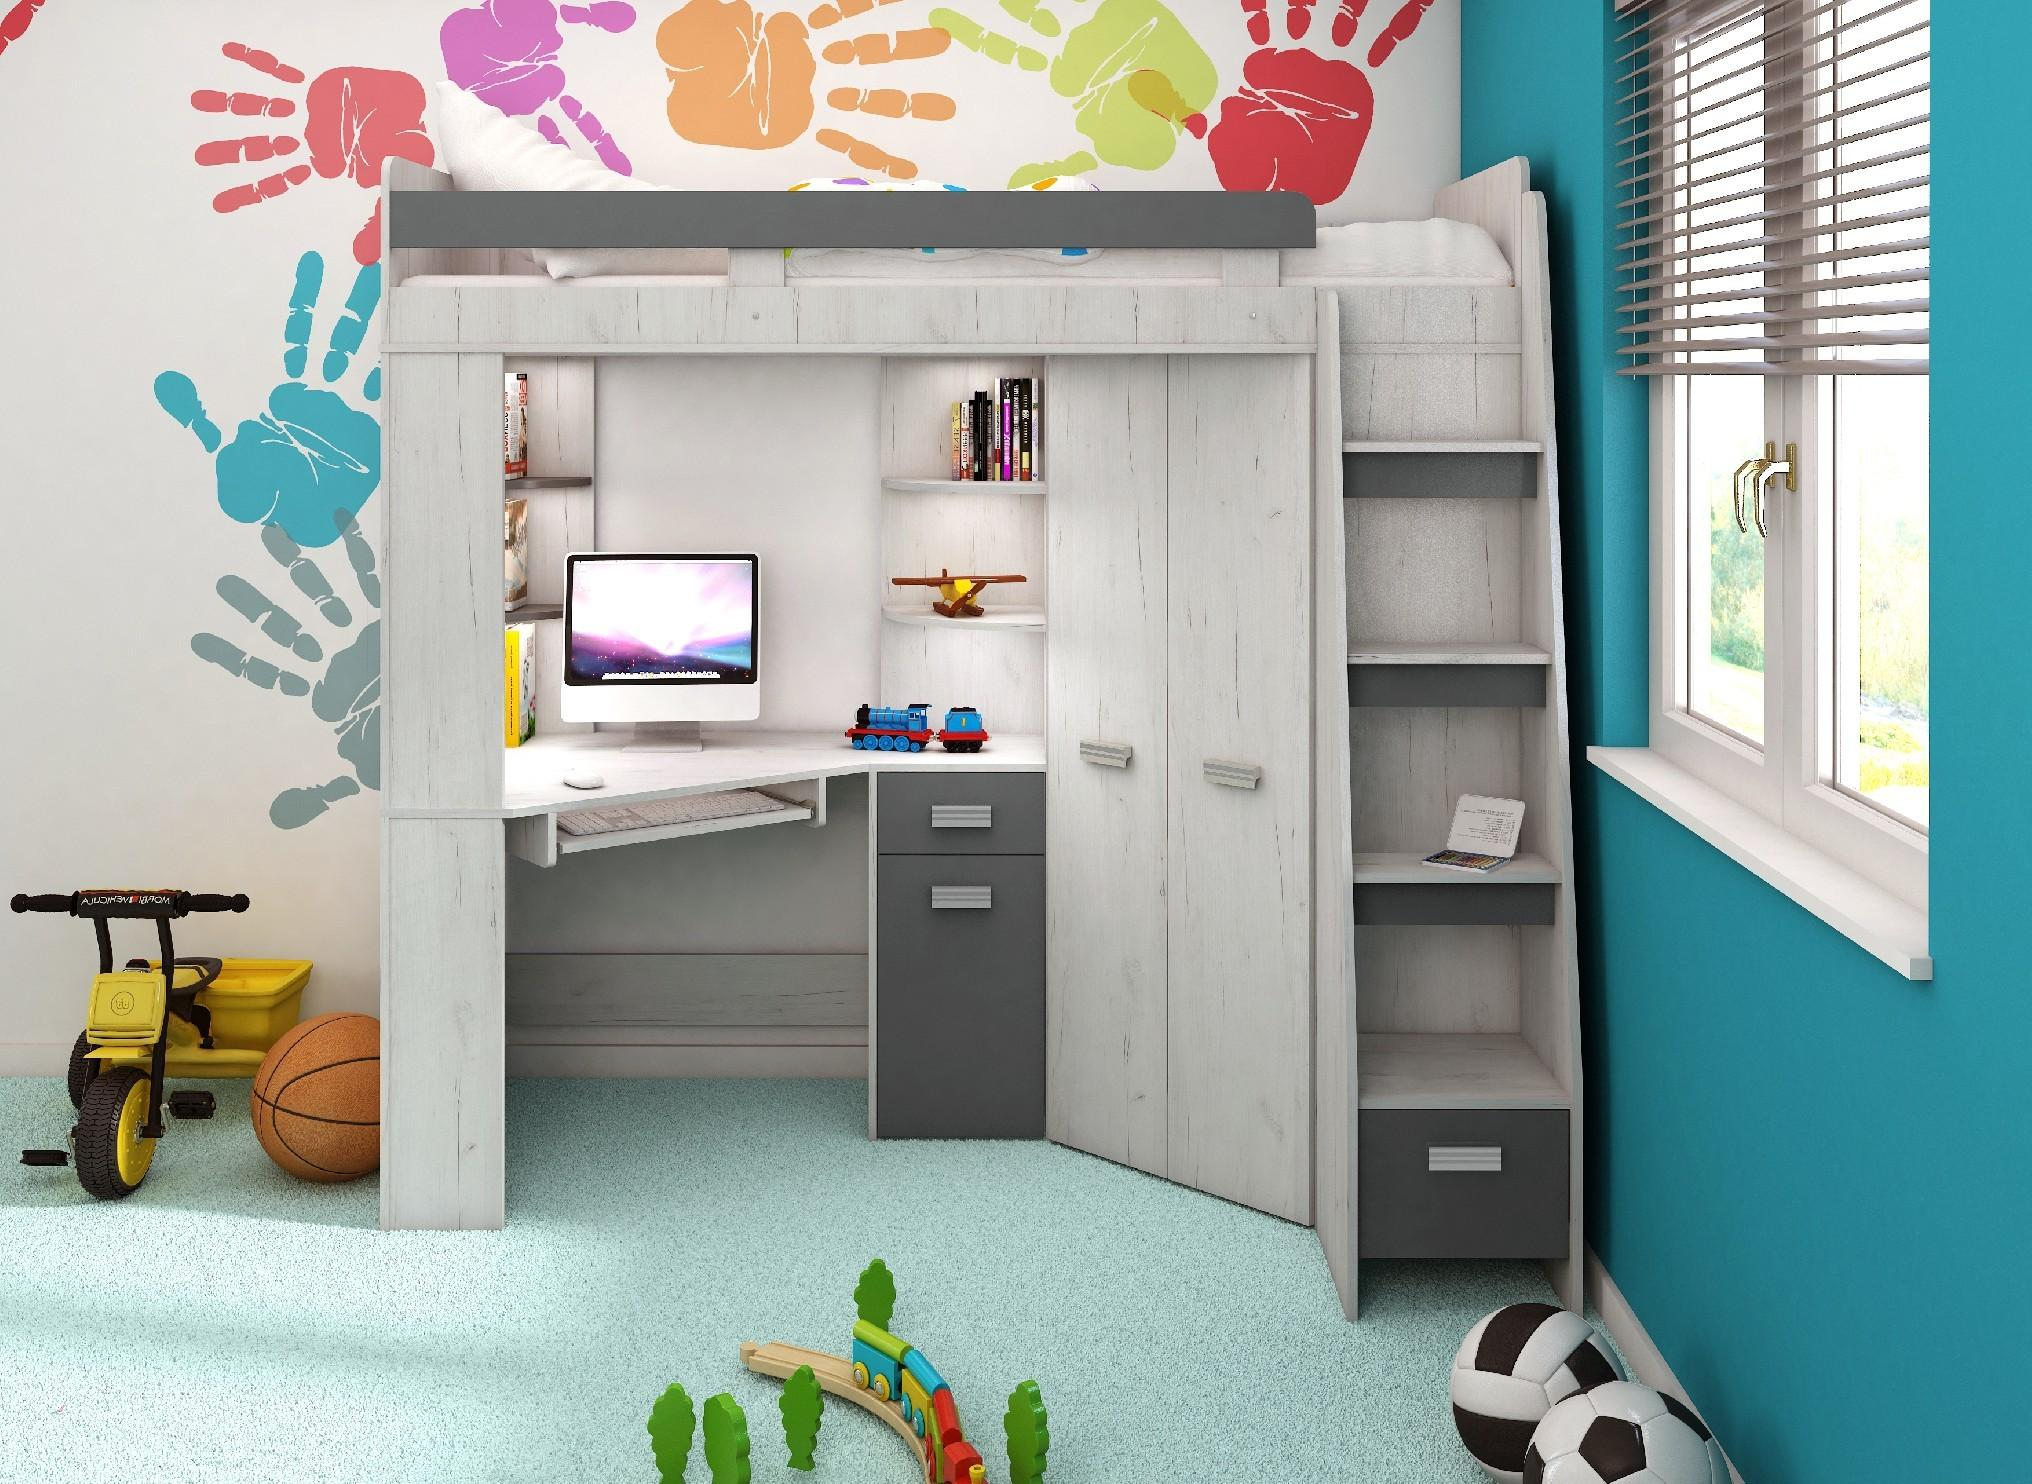 WIP Detská rohová vyvýšená posteľ ANTRESOLA Farba: Craft biely / grafit, pravý